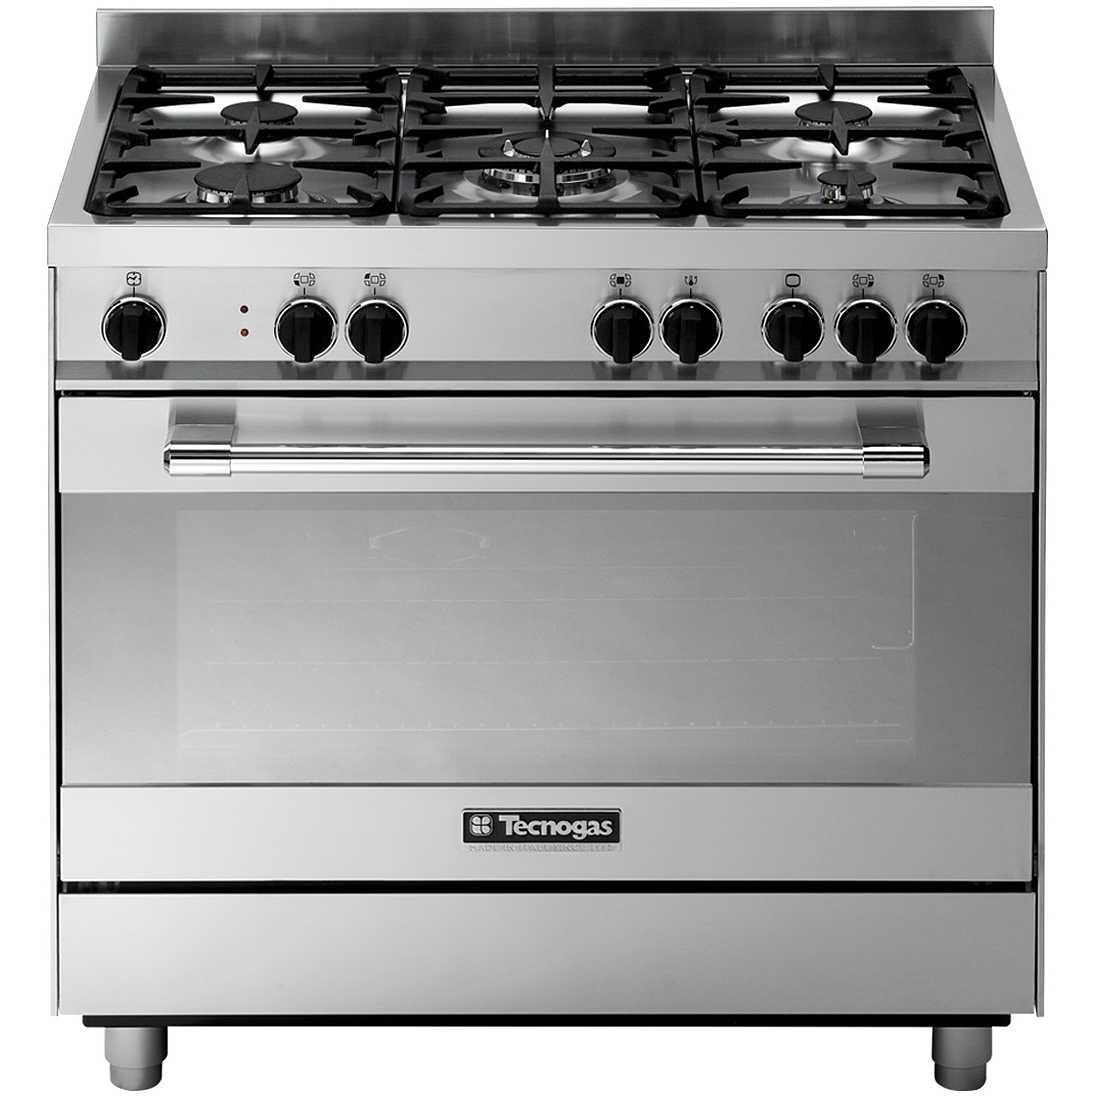 Tecnogas pt999xs cucina 90x60 5 fuochi a gas forno elettrico multifunzione 86 litri classe a - Cucina a gas 5 fuochi ...